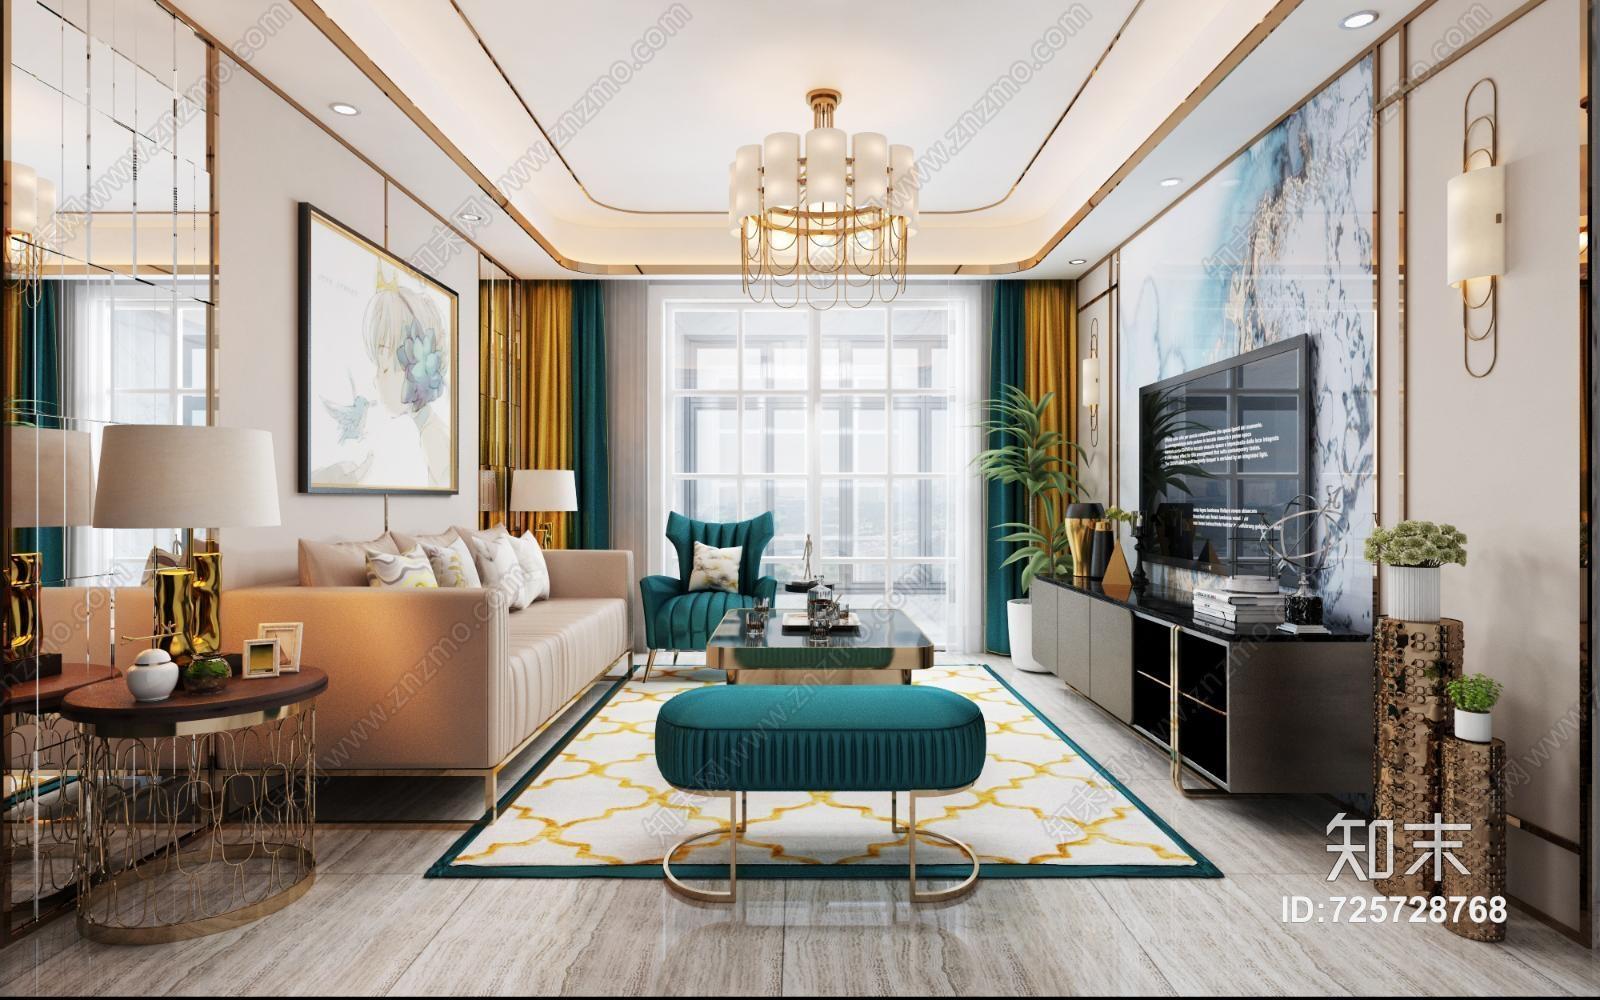 现代轻奢客厅 现代客厅 沙发茶几 吊灯 挂画 电视柜电视 休闲椅 绿植